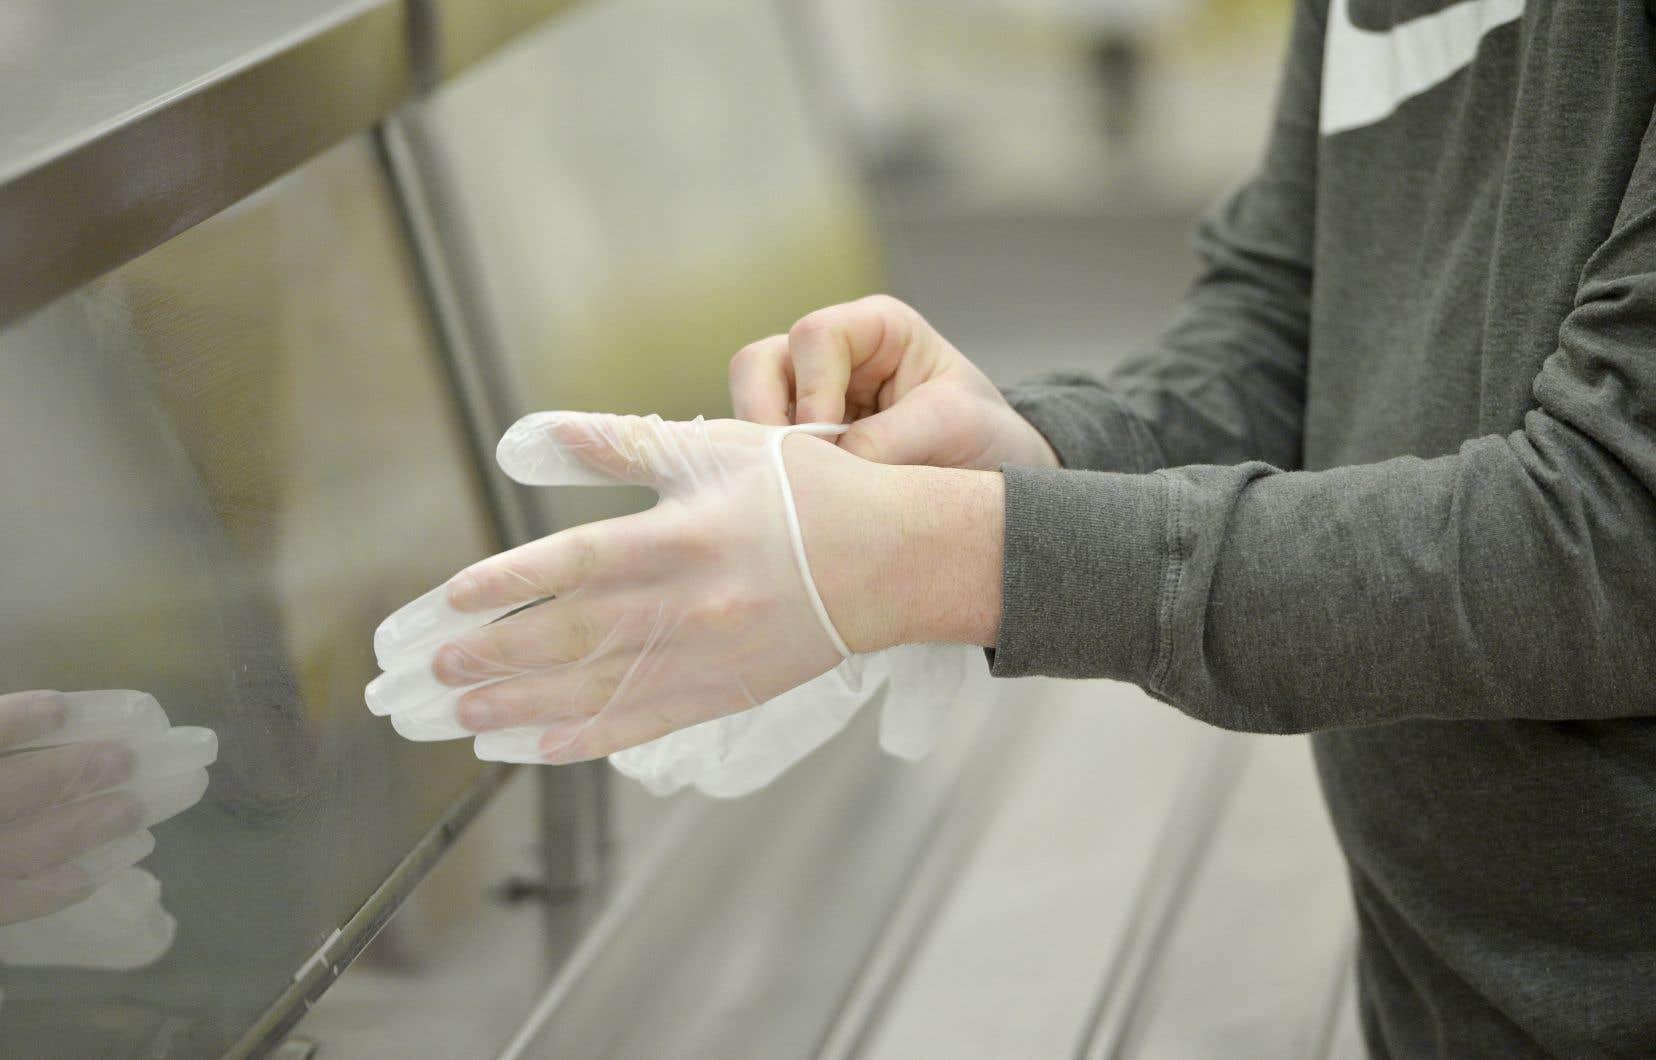 Le ministère recommande aux services de garde d'approcher les cabinets de dentiste ou d'esthétique, les salons de coiffure, les artisans ou d'autres entreprises qui «pourraient [les] dépanner» en offrant des gants et d'autre matériel de santé.